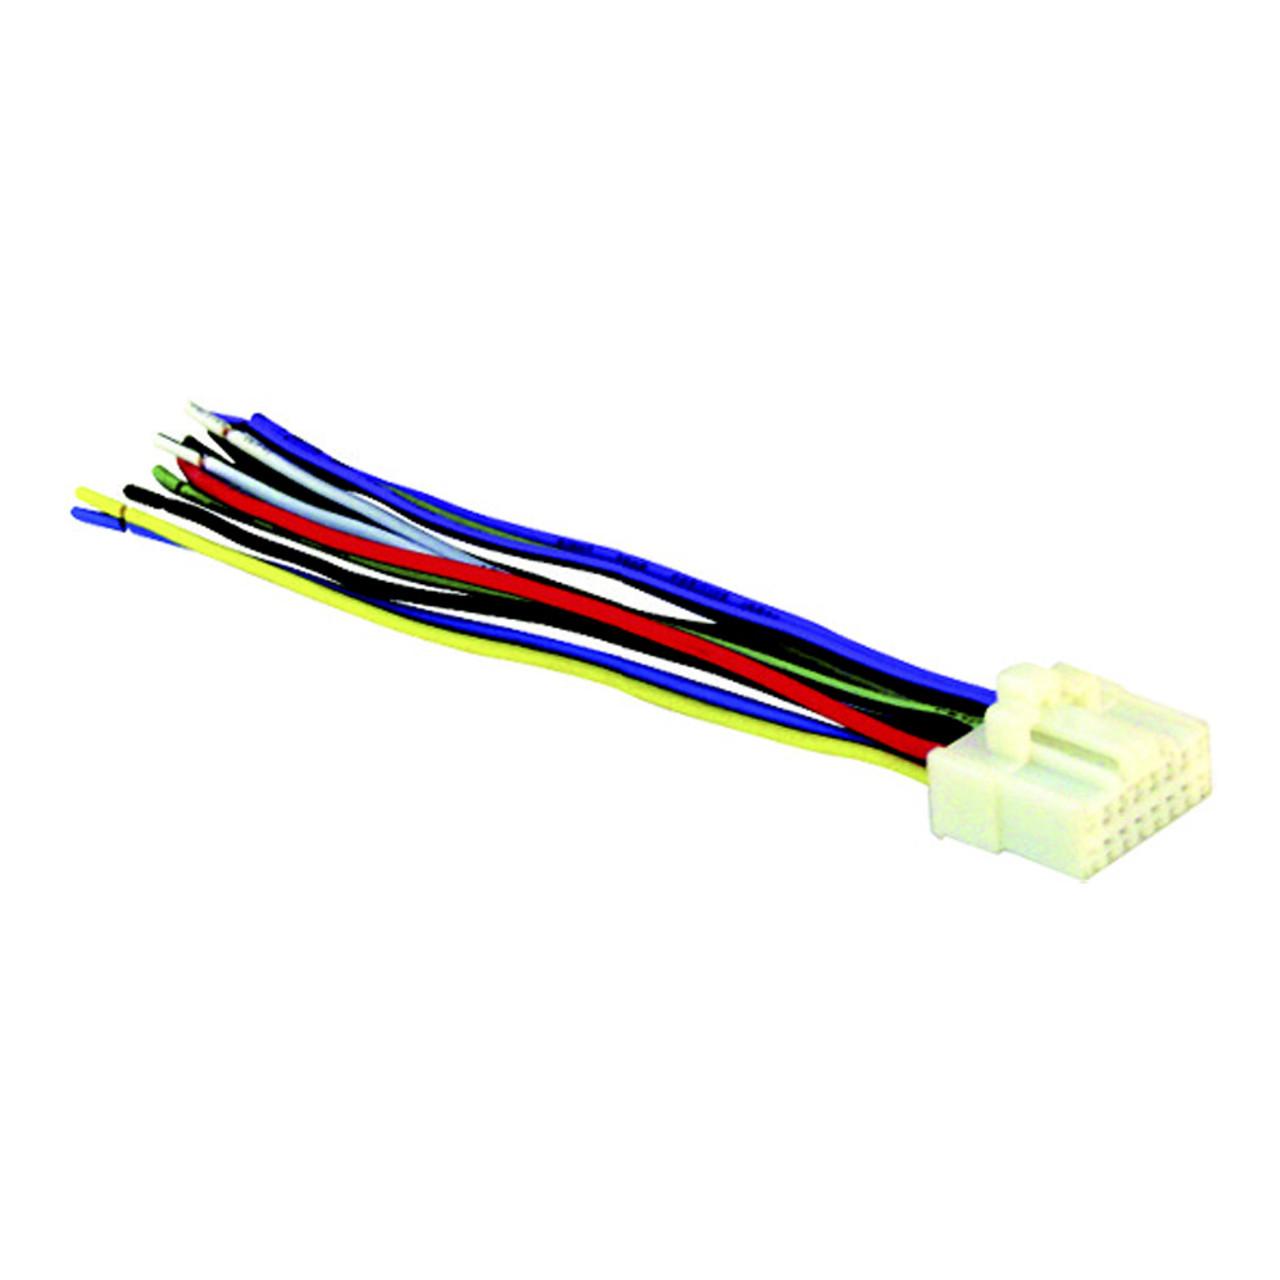 medium resolution of wiring harness panasonic 2000 2005 16 pin xscorpion wiring harness panasonic 2000 2005 16 pin